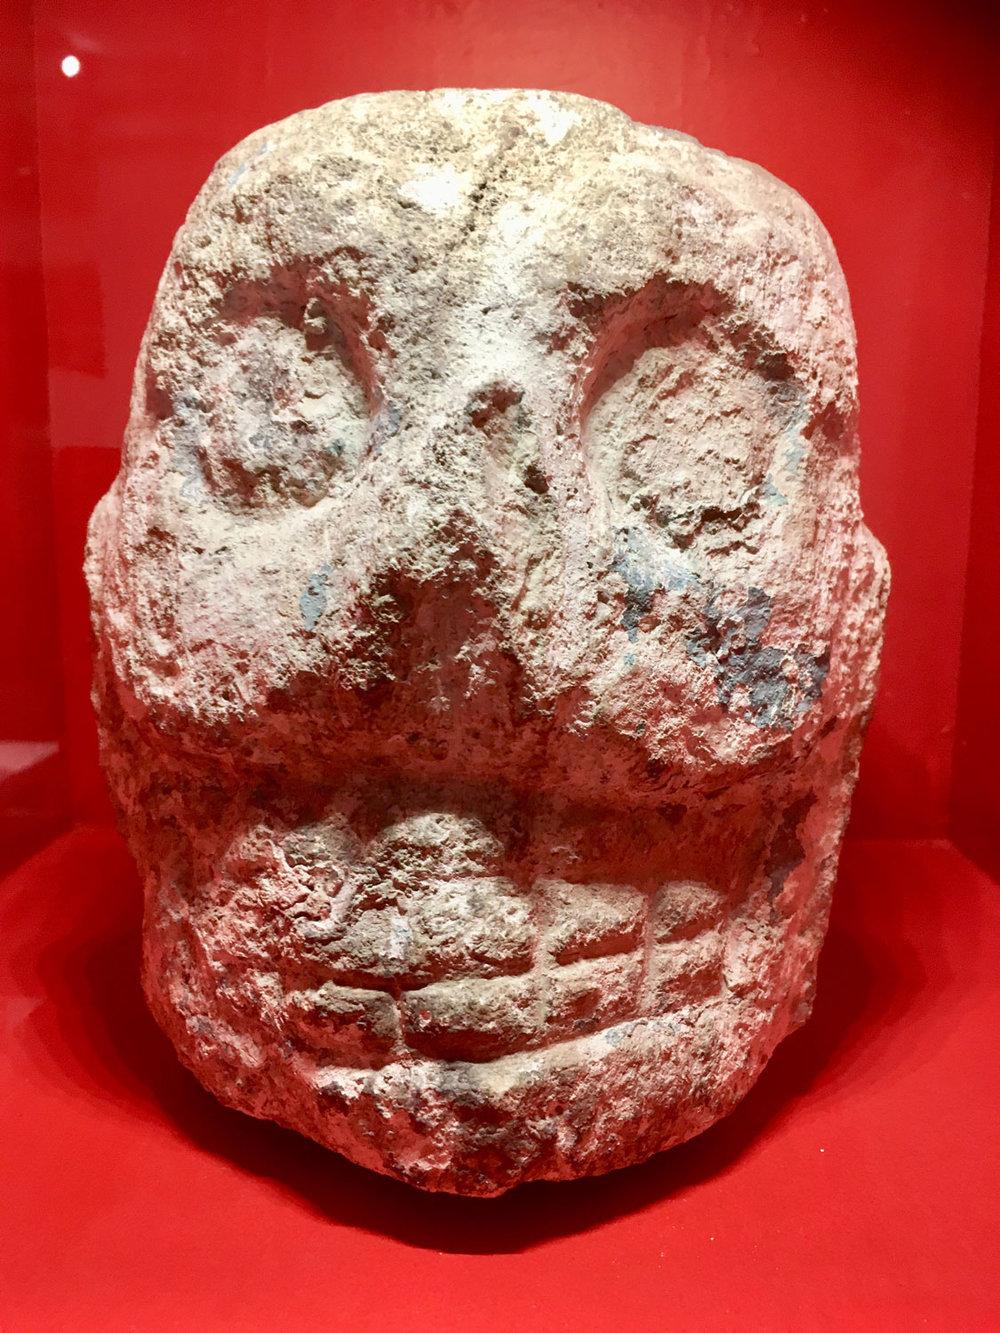 Hammocks_and_Ruins_Blog_Riviera_Maya_Mexico_Travel_Discover_Yucatan_What_to_do_Merida_Musuems_Anthrapology_15.jpg